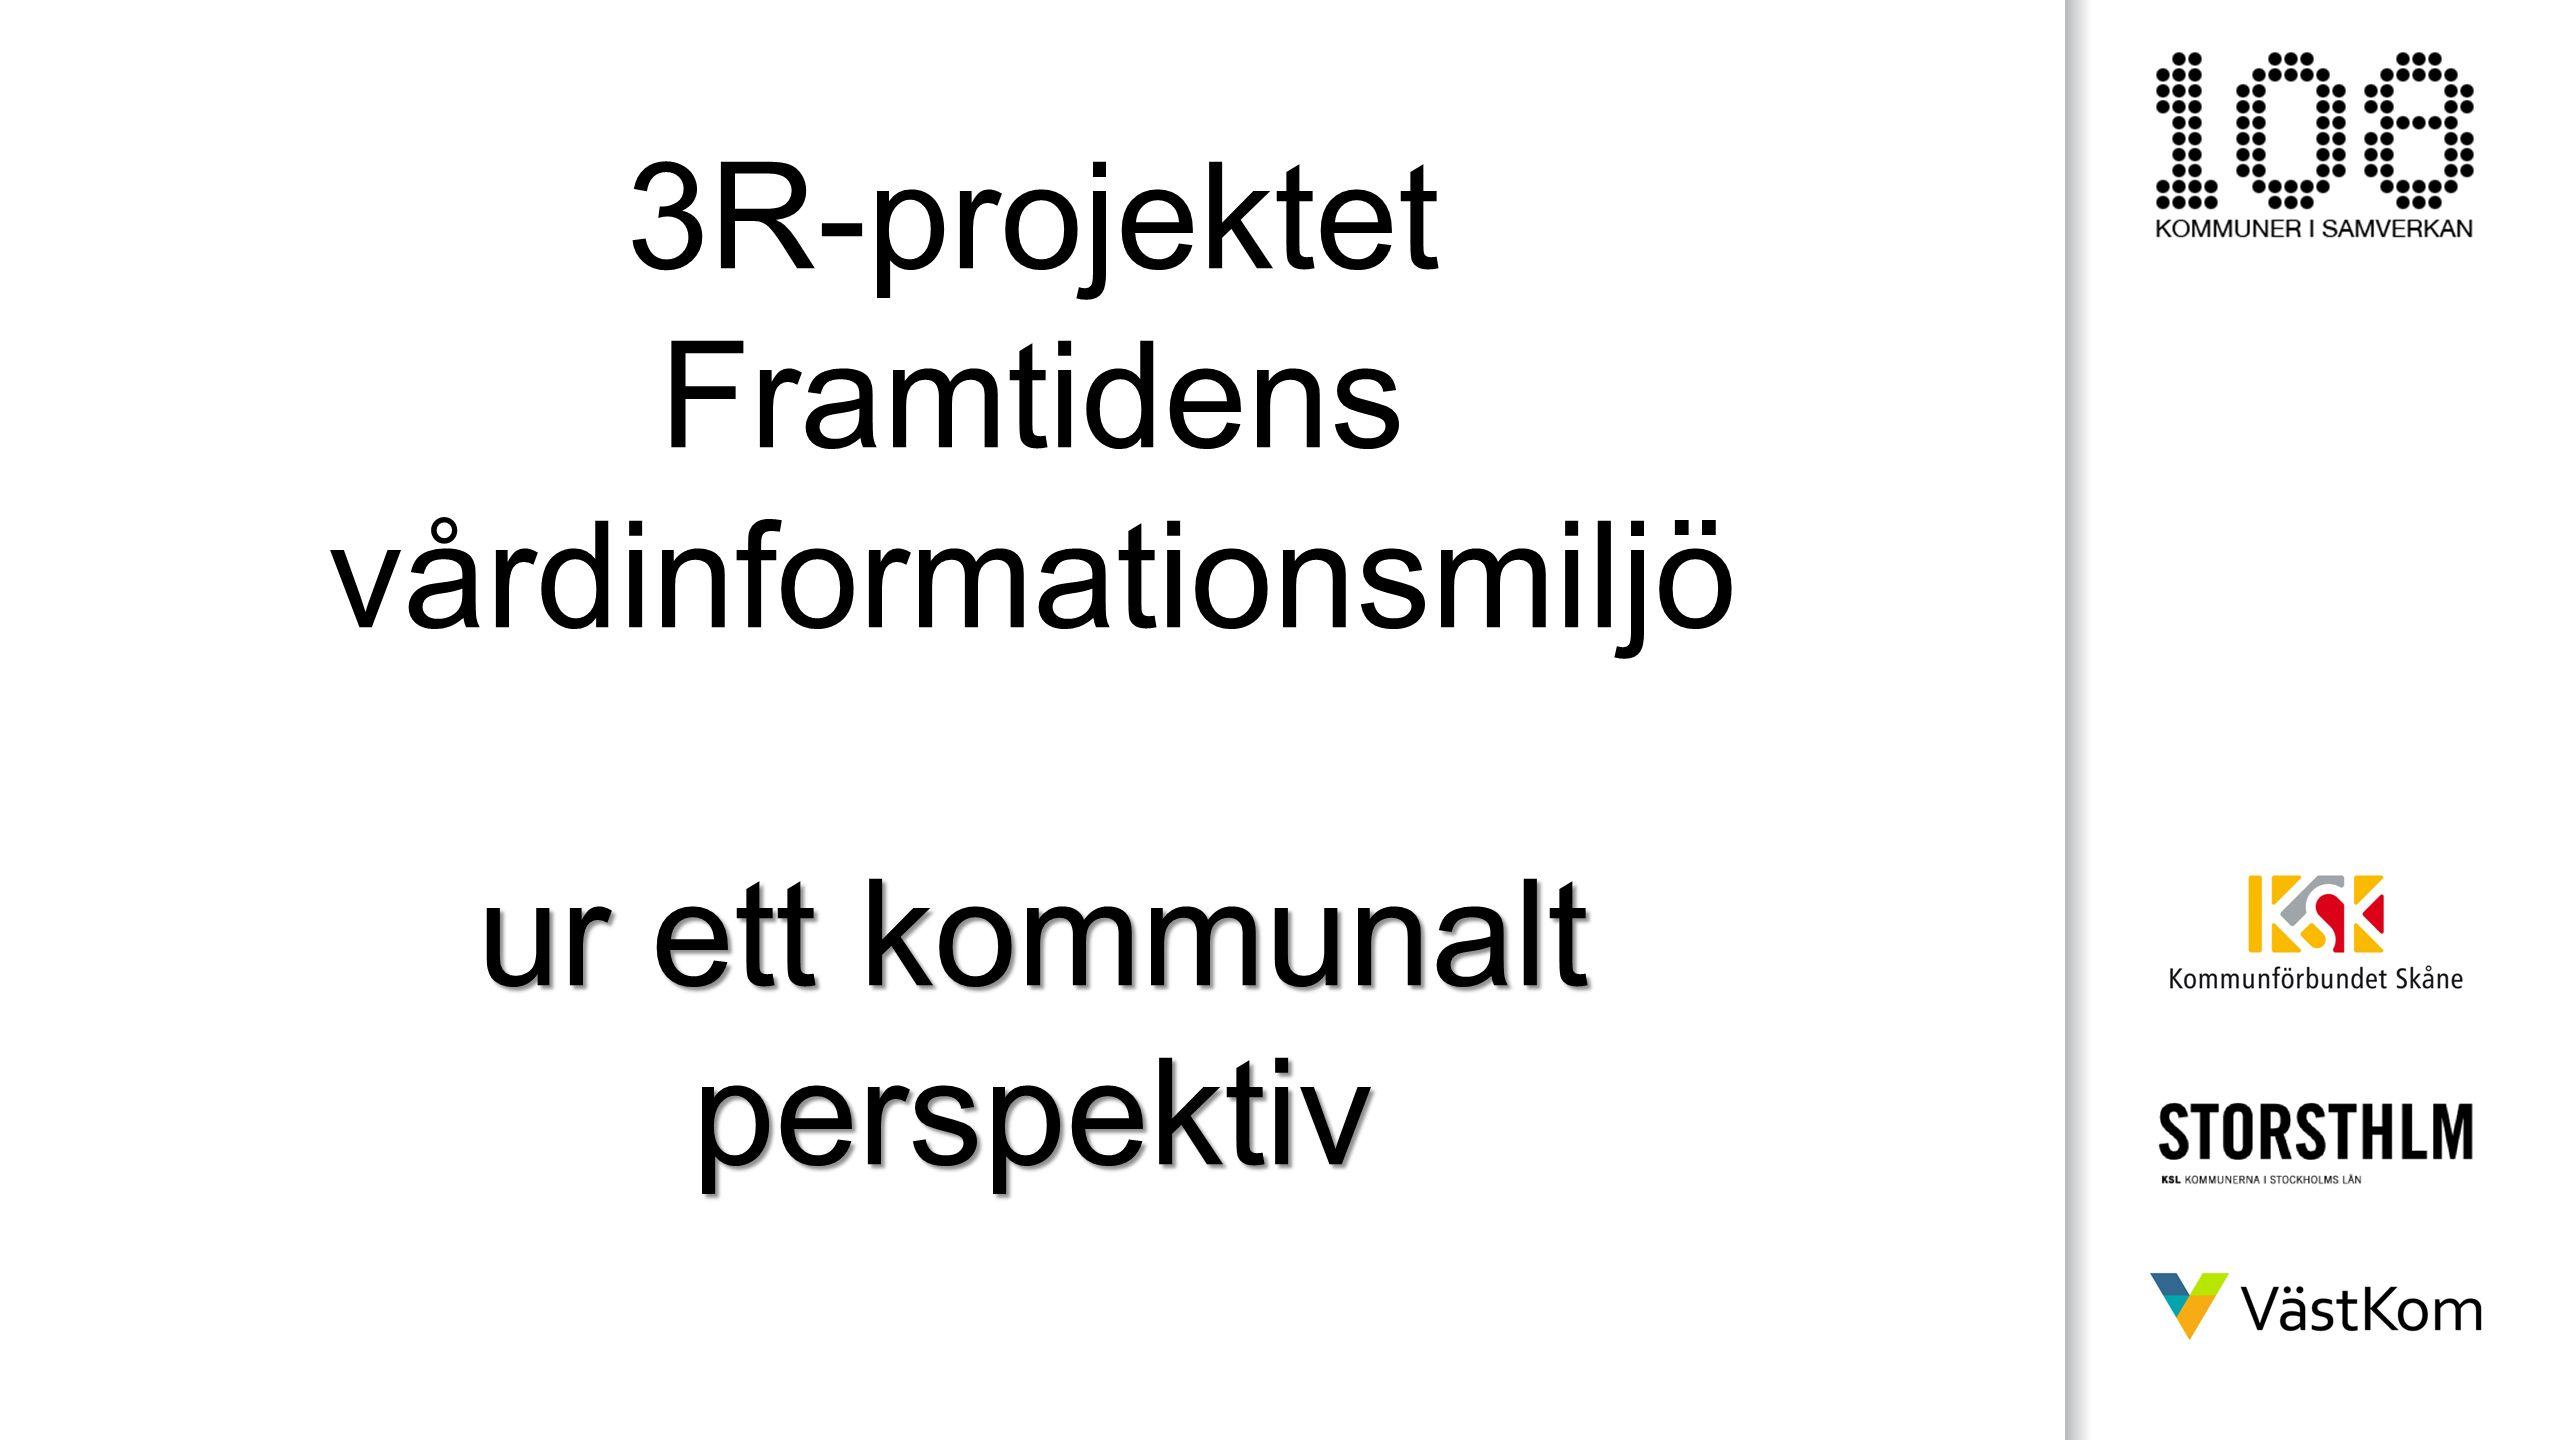 3R-projektet Framtidens vårdinformationsmiljö ur ett kommunalt perspektiv